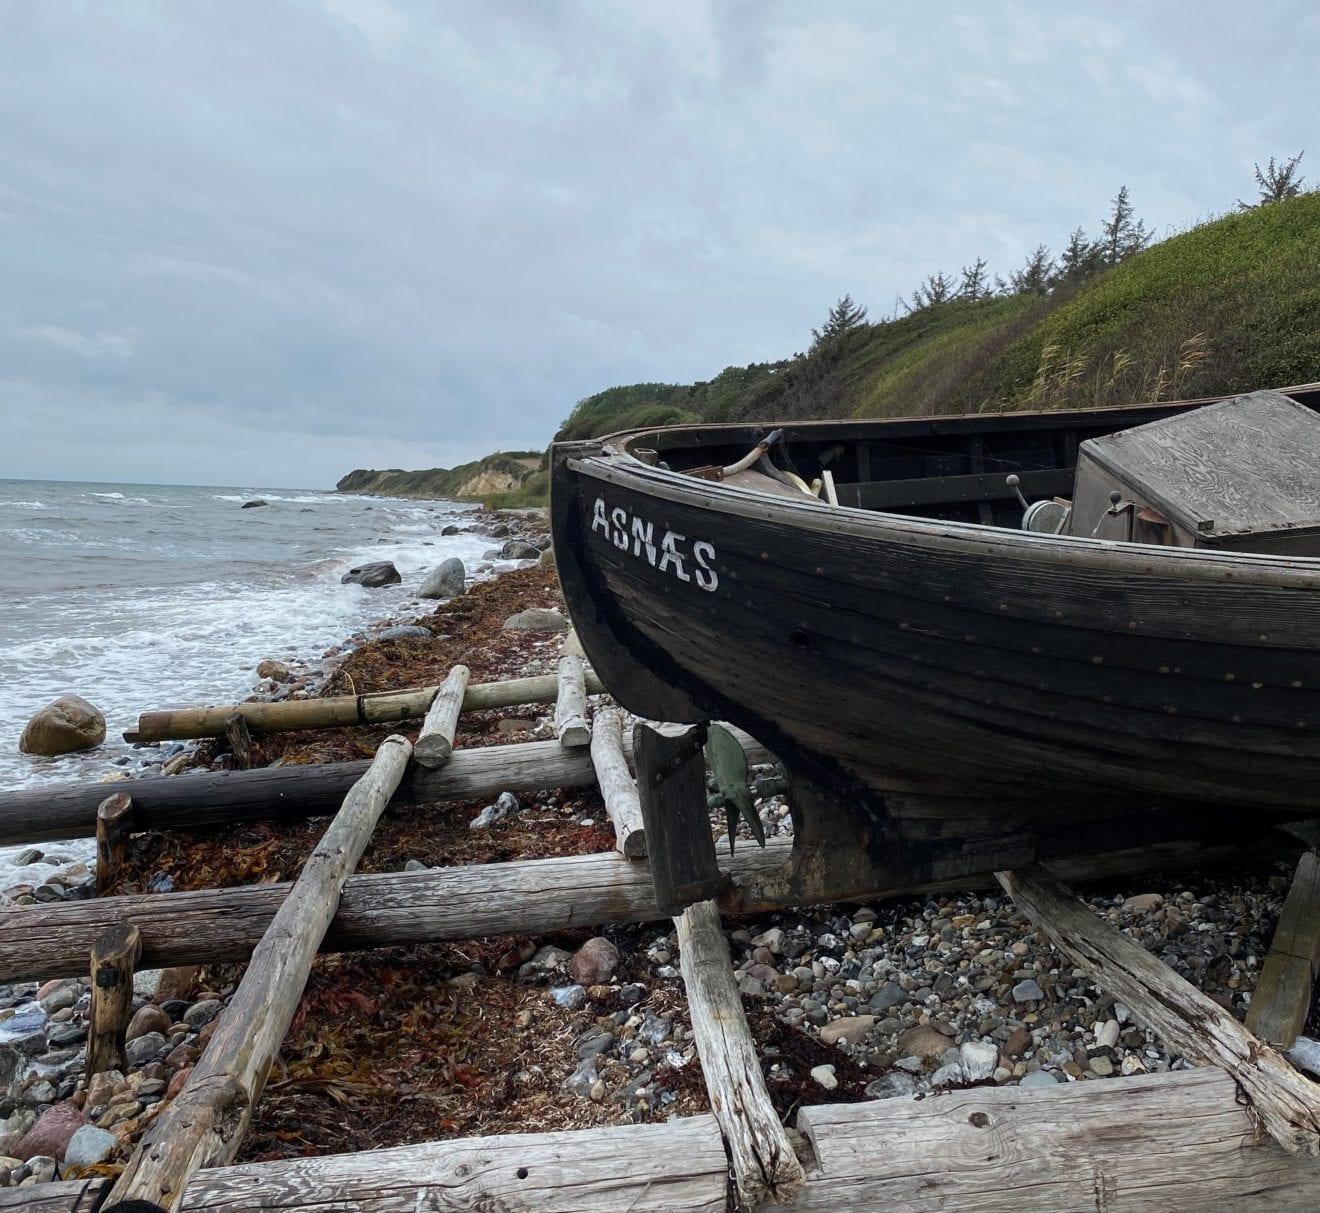 I en lille båd ved kysten